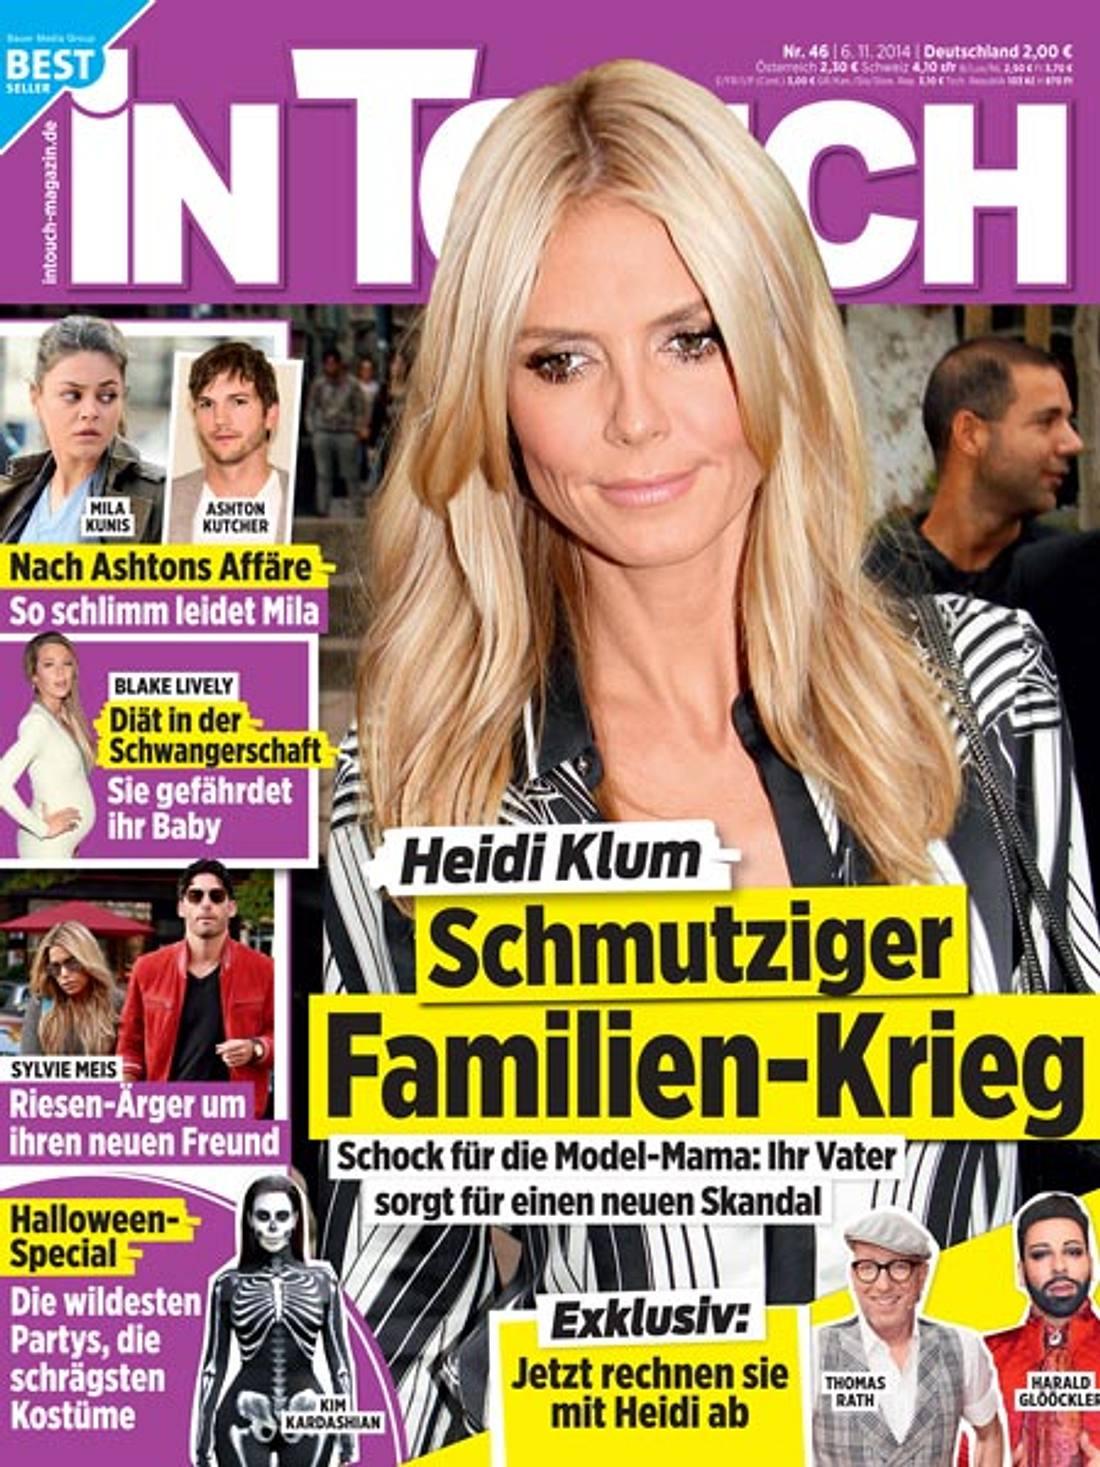 InTouch: Heidi Klum - schmutziger Familien-Krieg